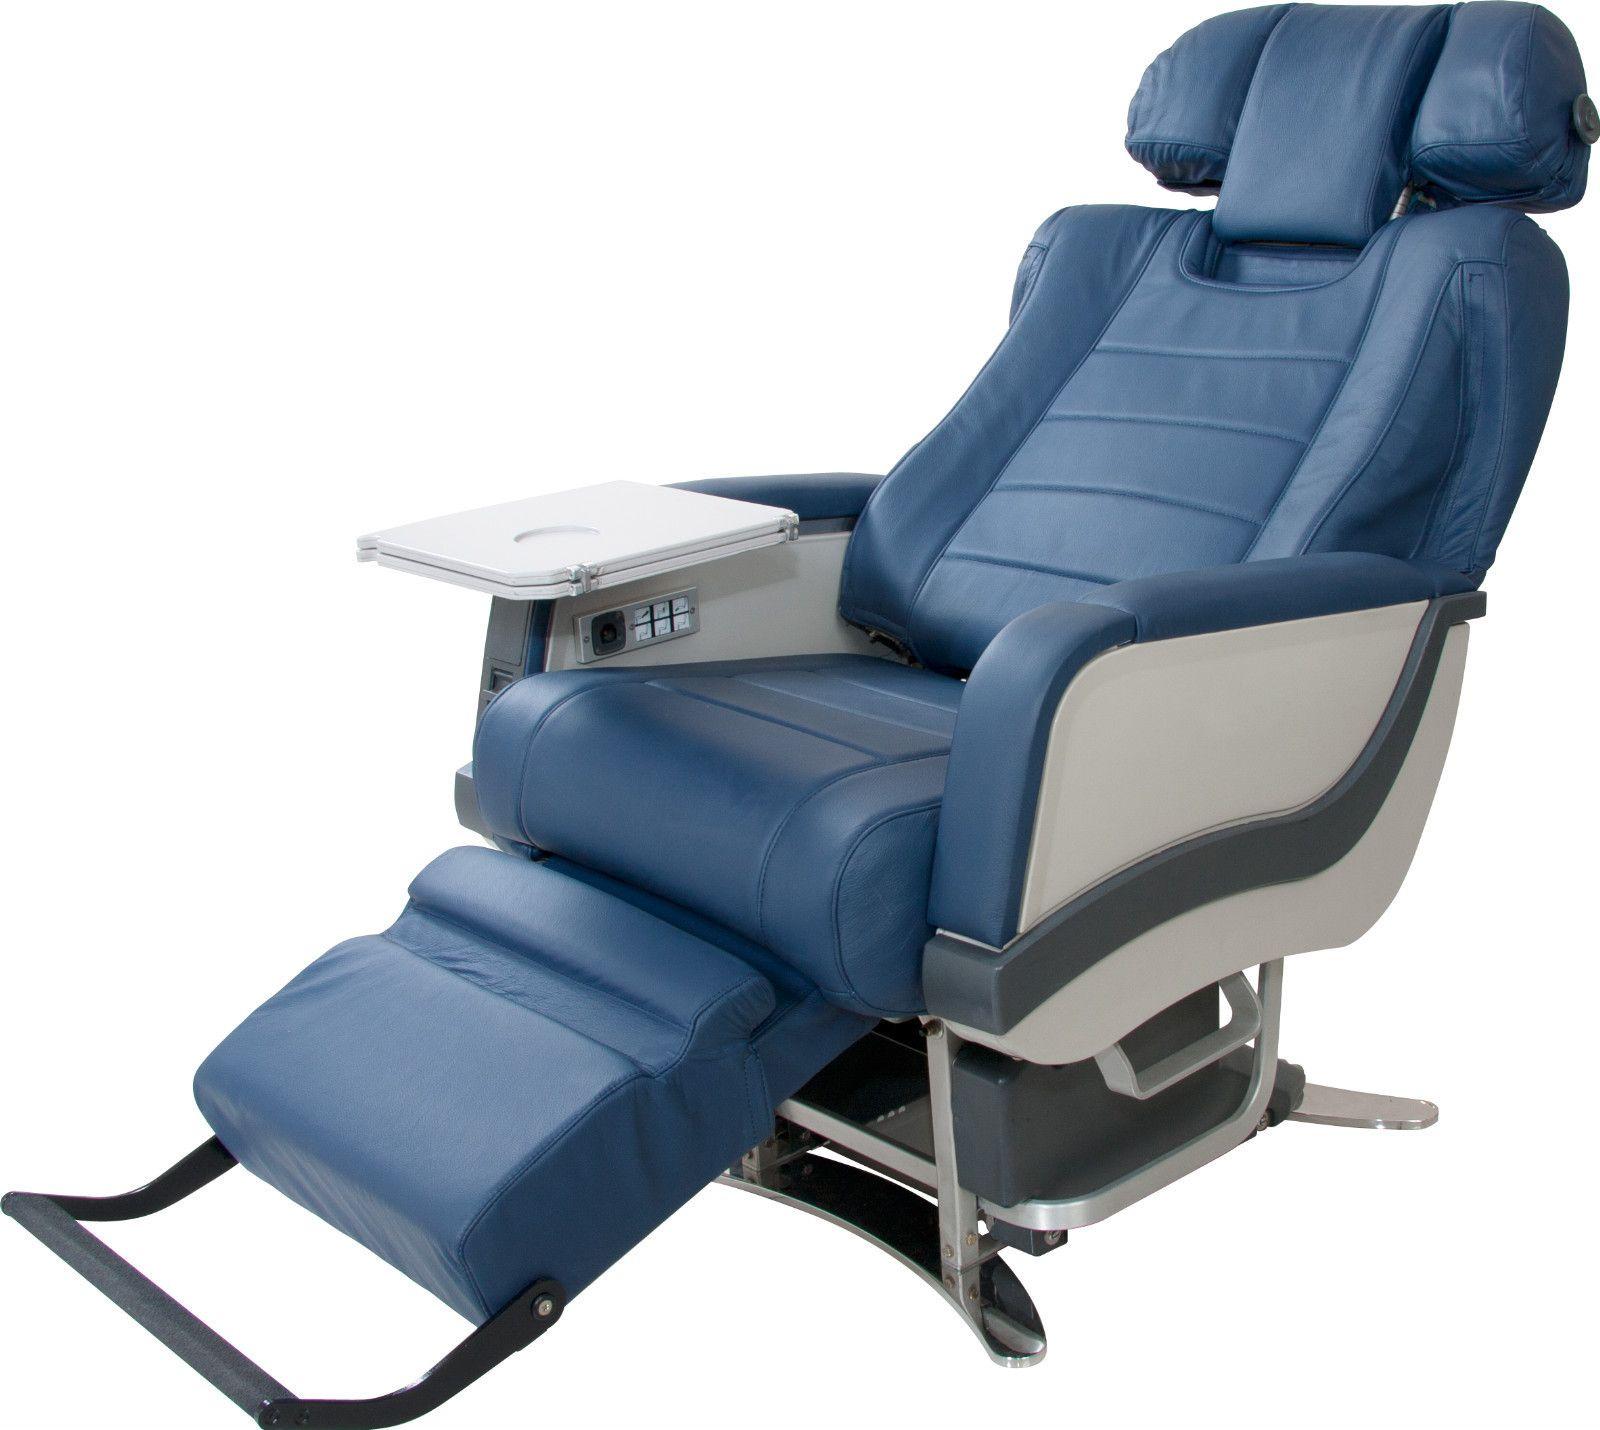 firstclass modern armchair. SkyLine First Class Aircraft Seat  Genuine Avio Interiors